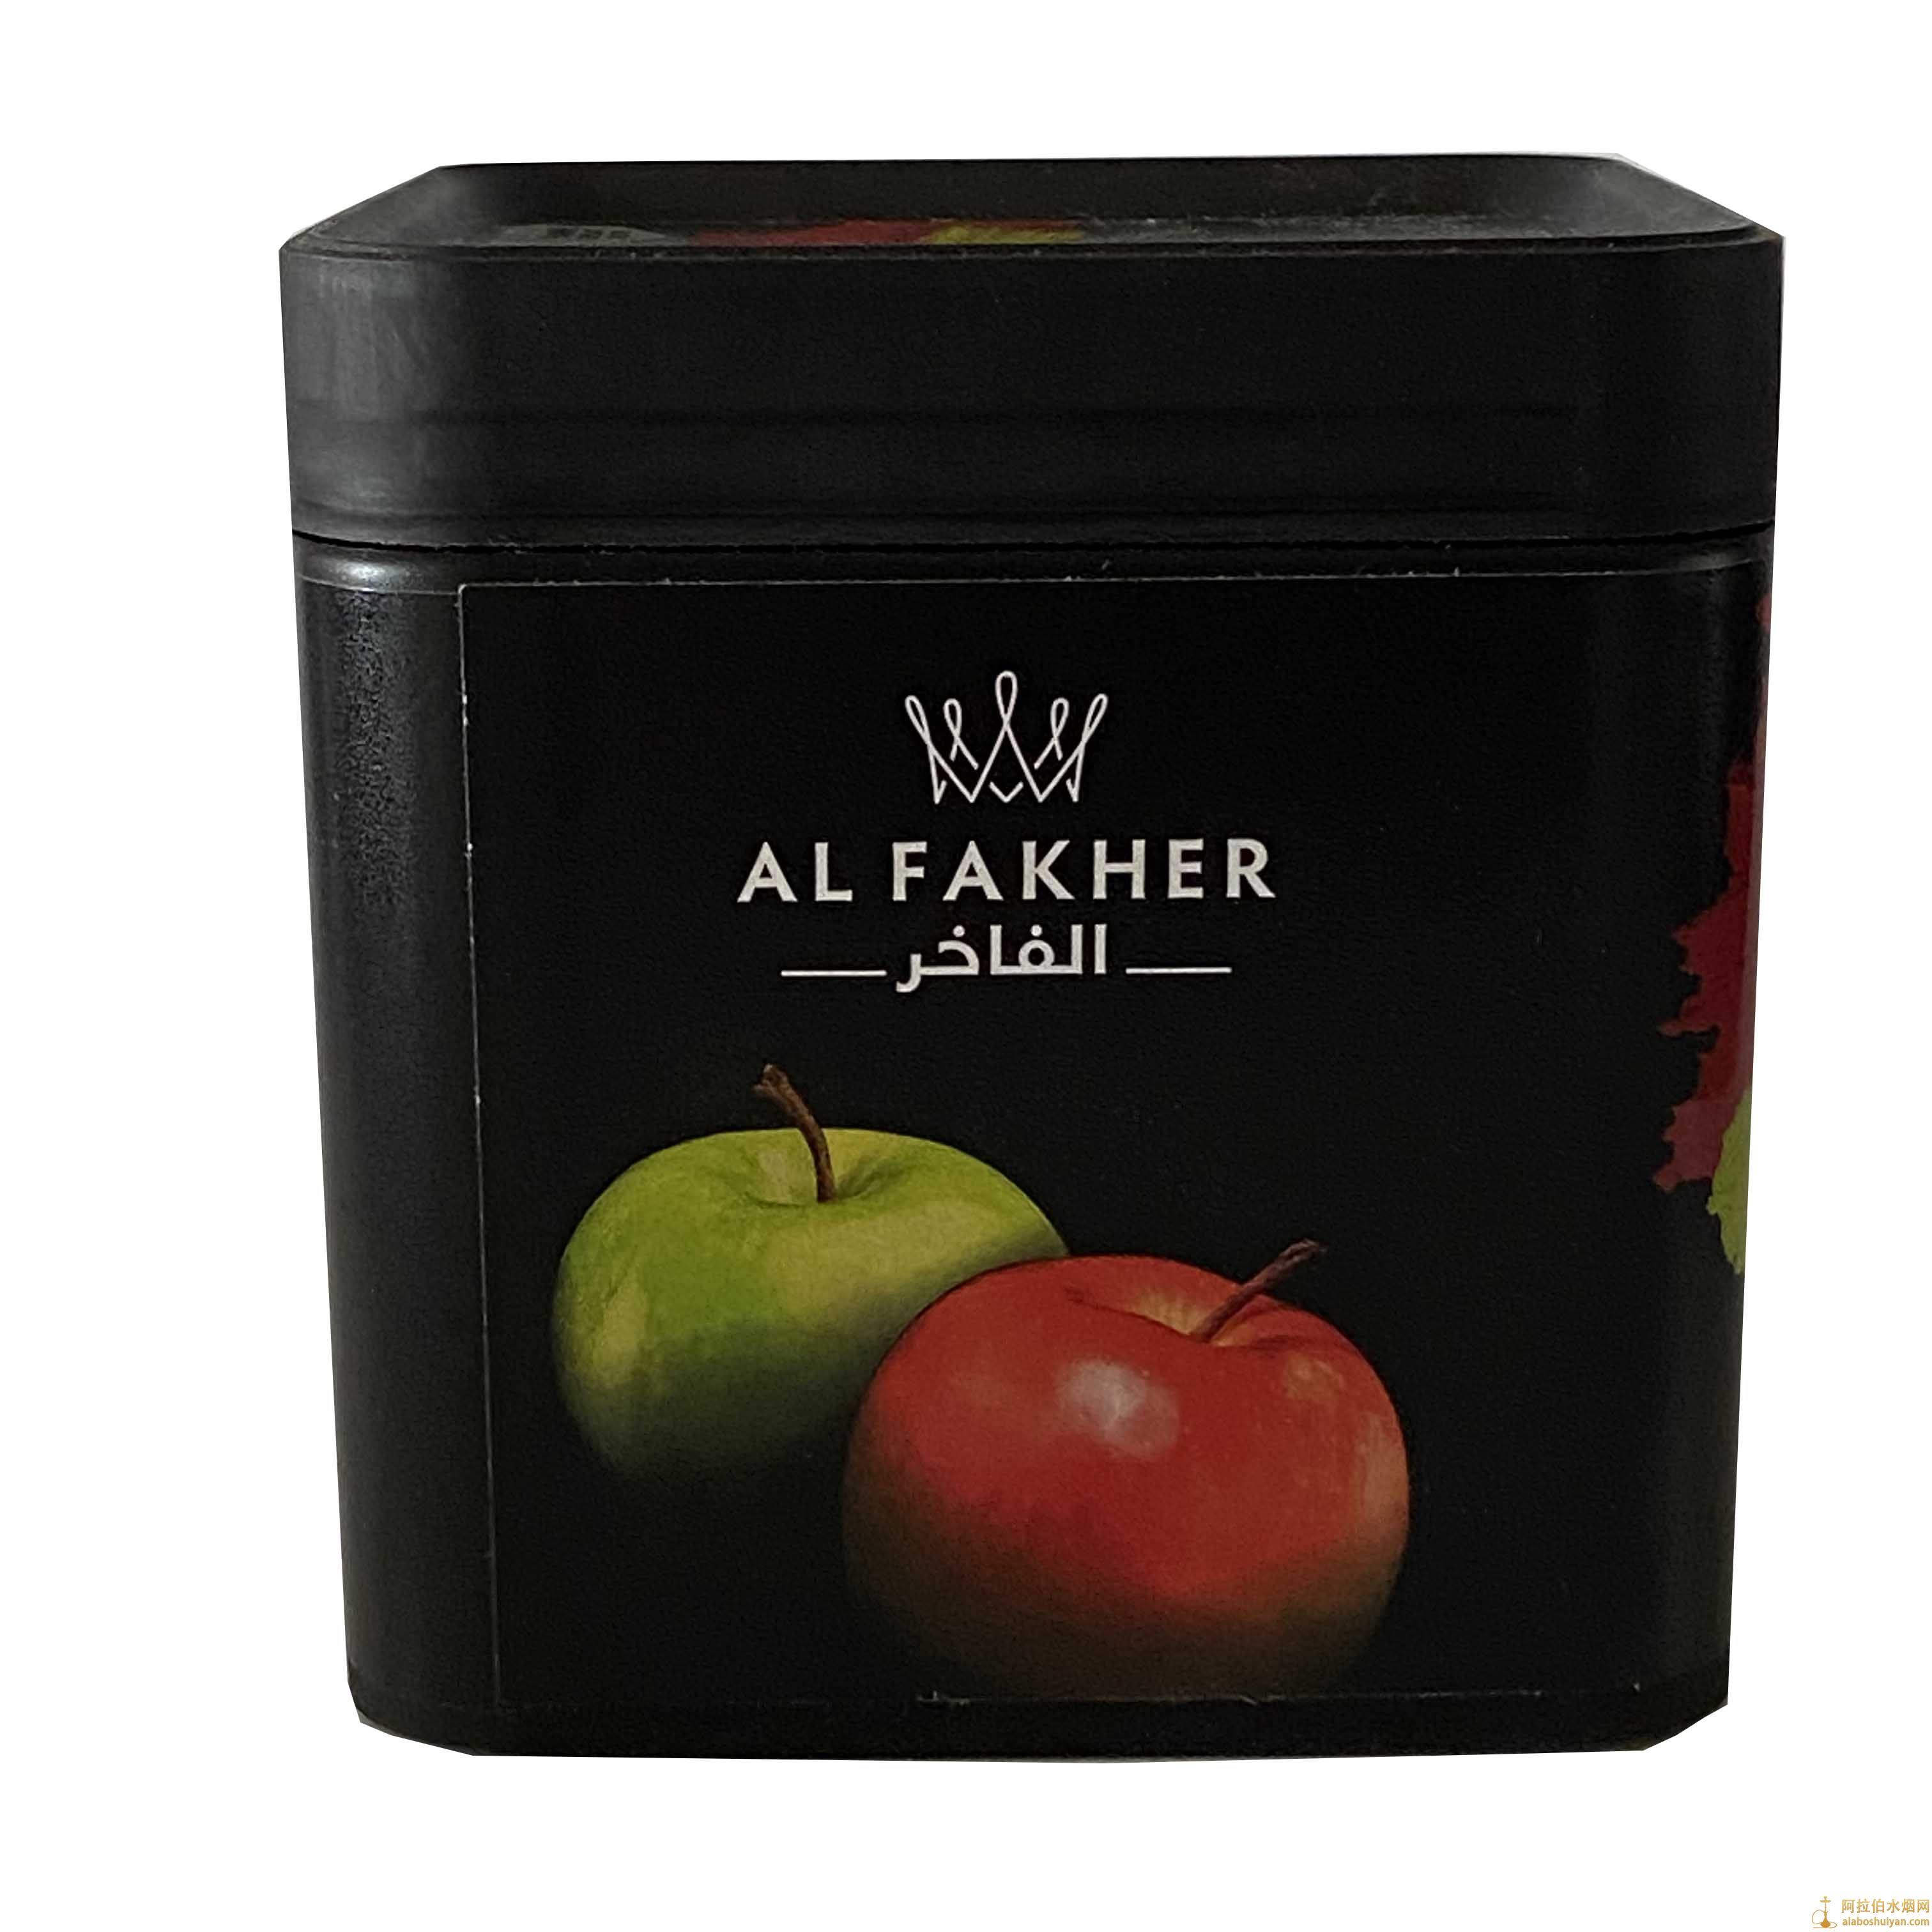 2021年阿尔法赫现货味道可以预定的味道AL Fakher中引文翻译